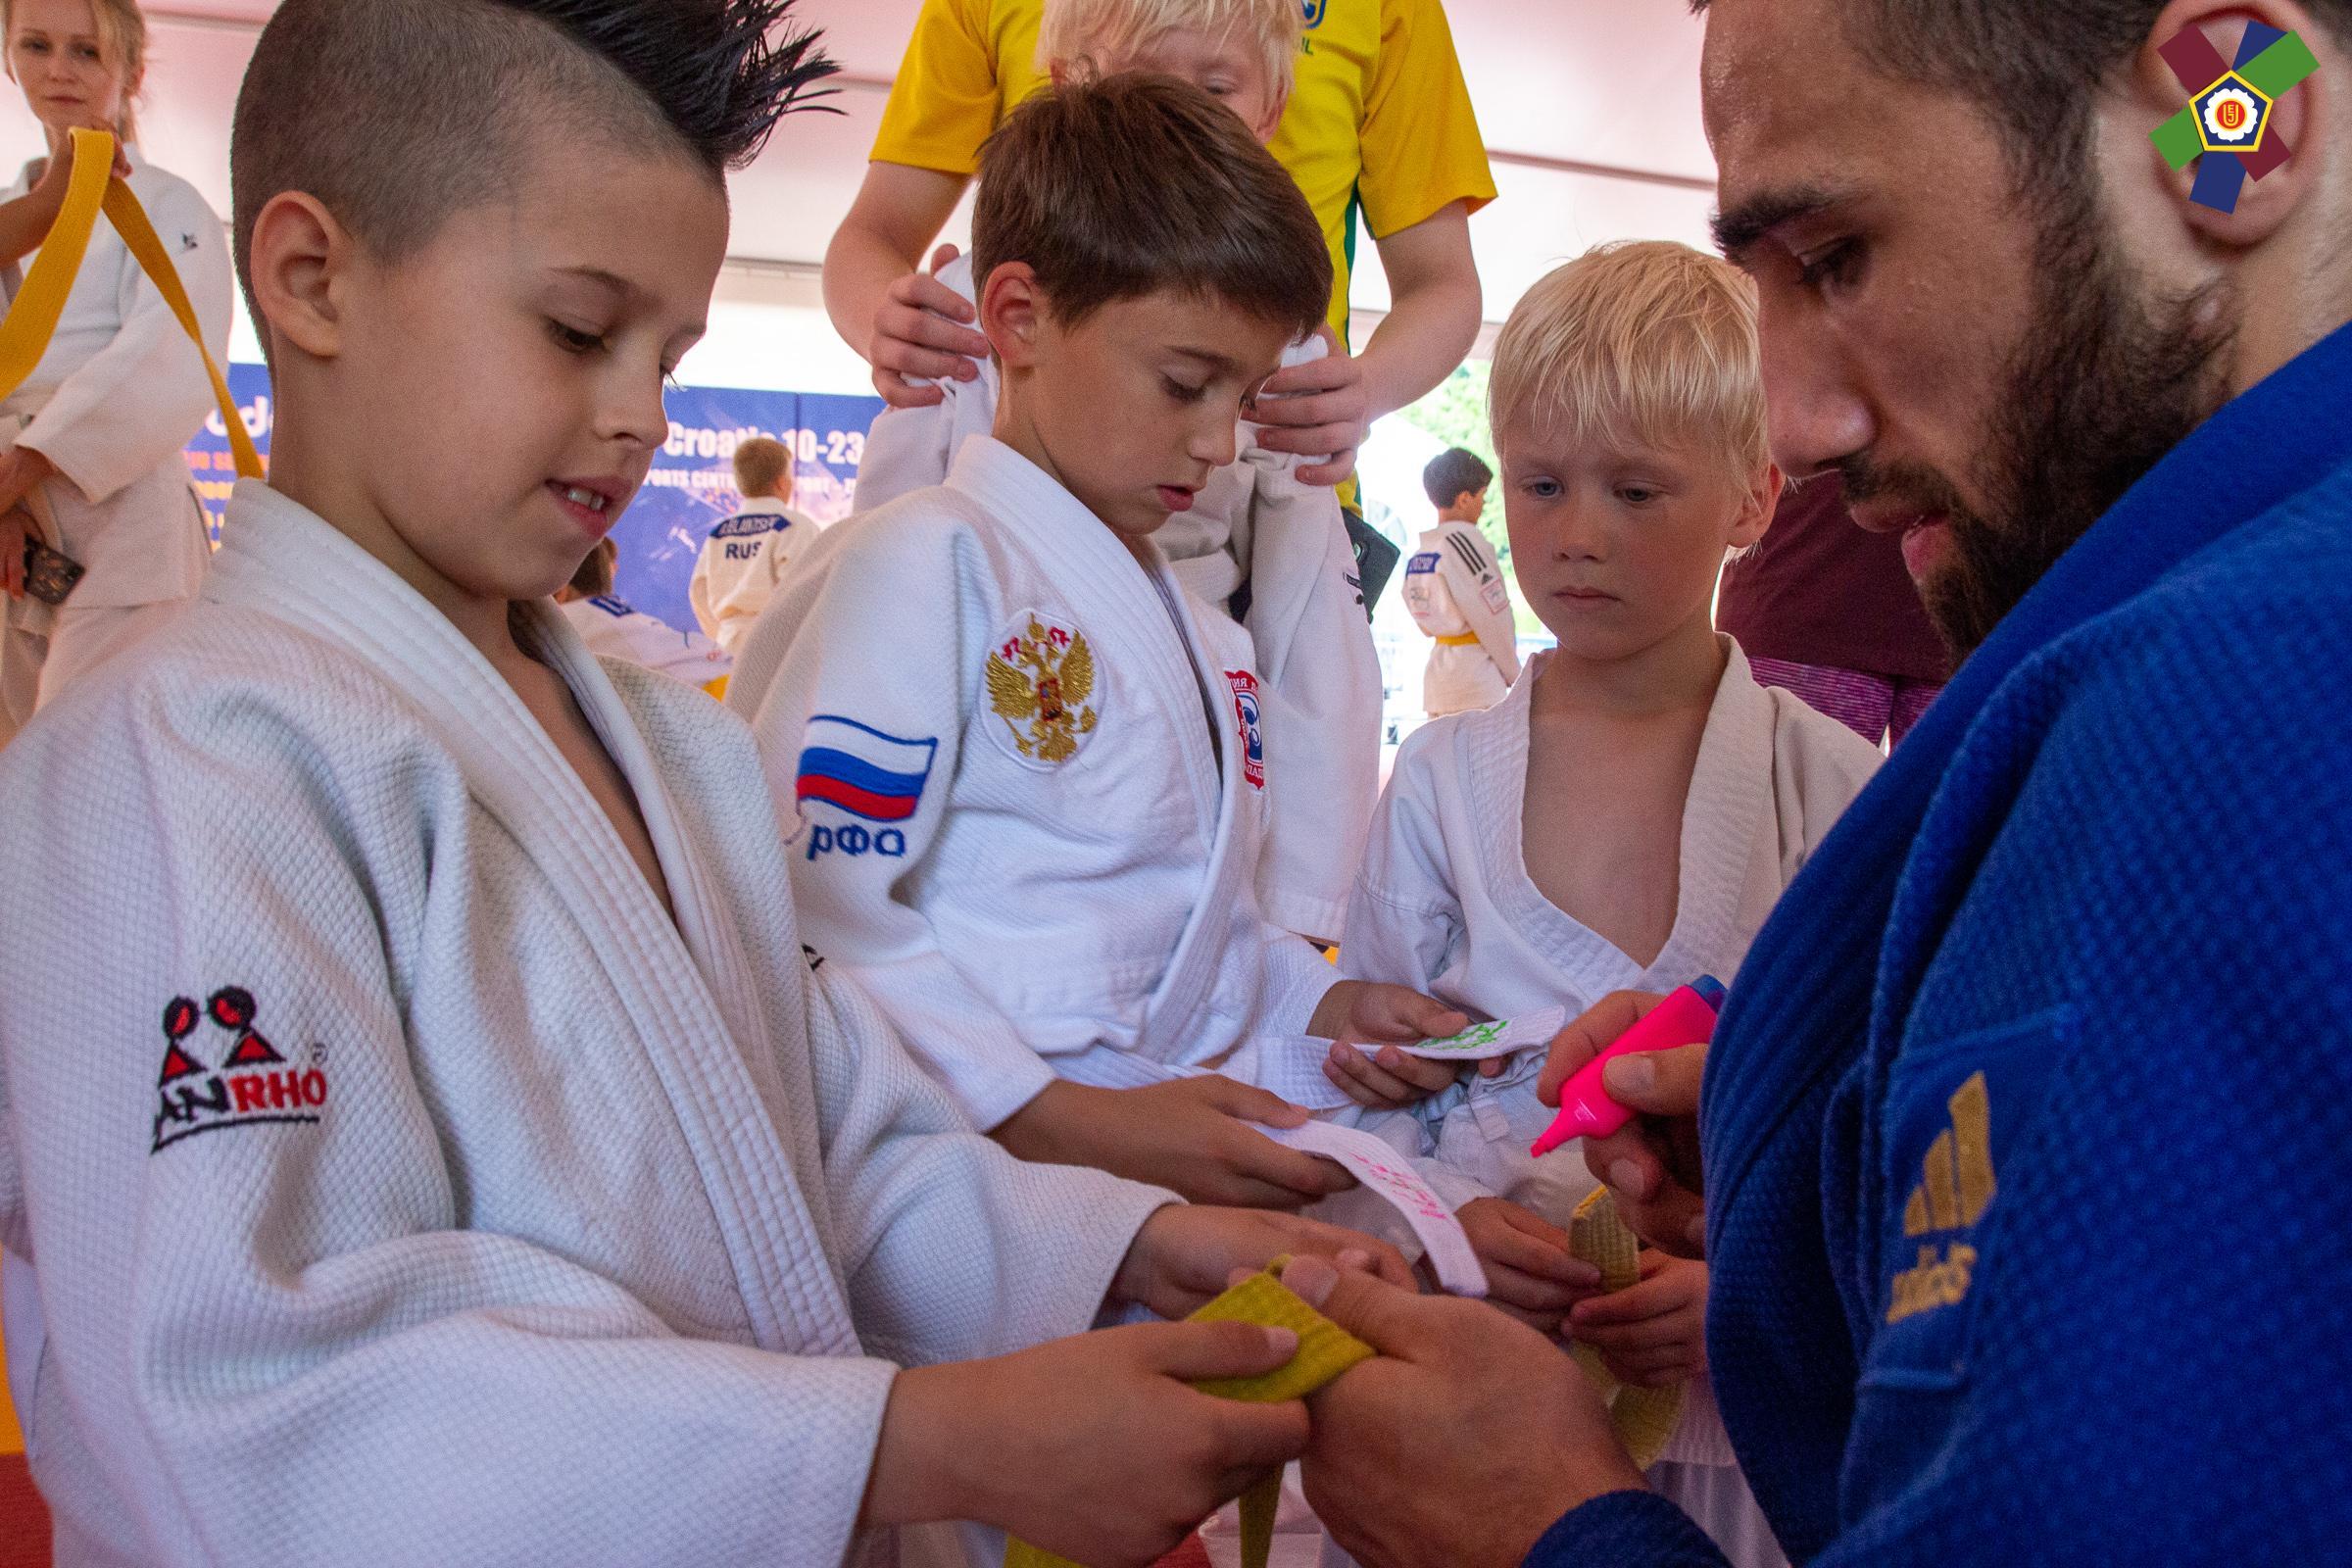 EJU-6th--Judo-Festival-Porec-2019-06-10-Sören-Starke-366318